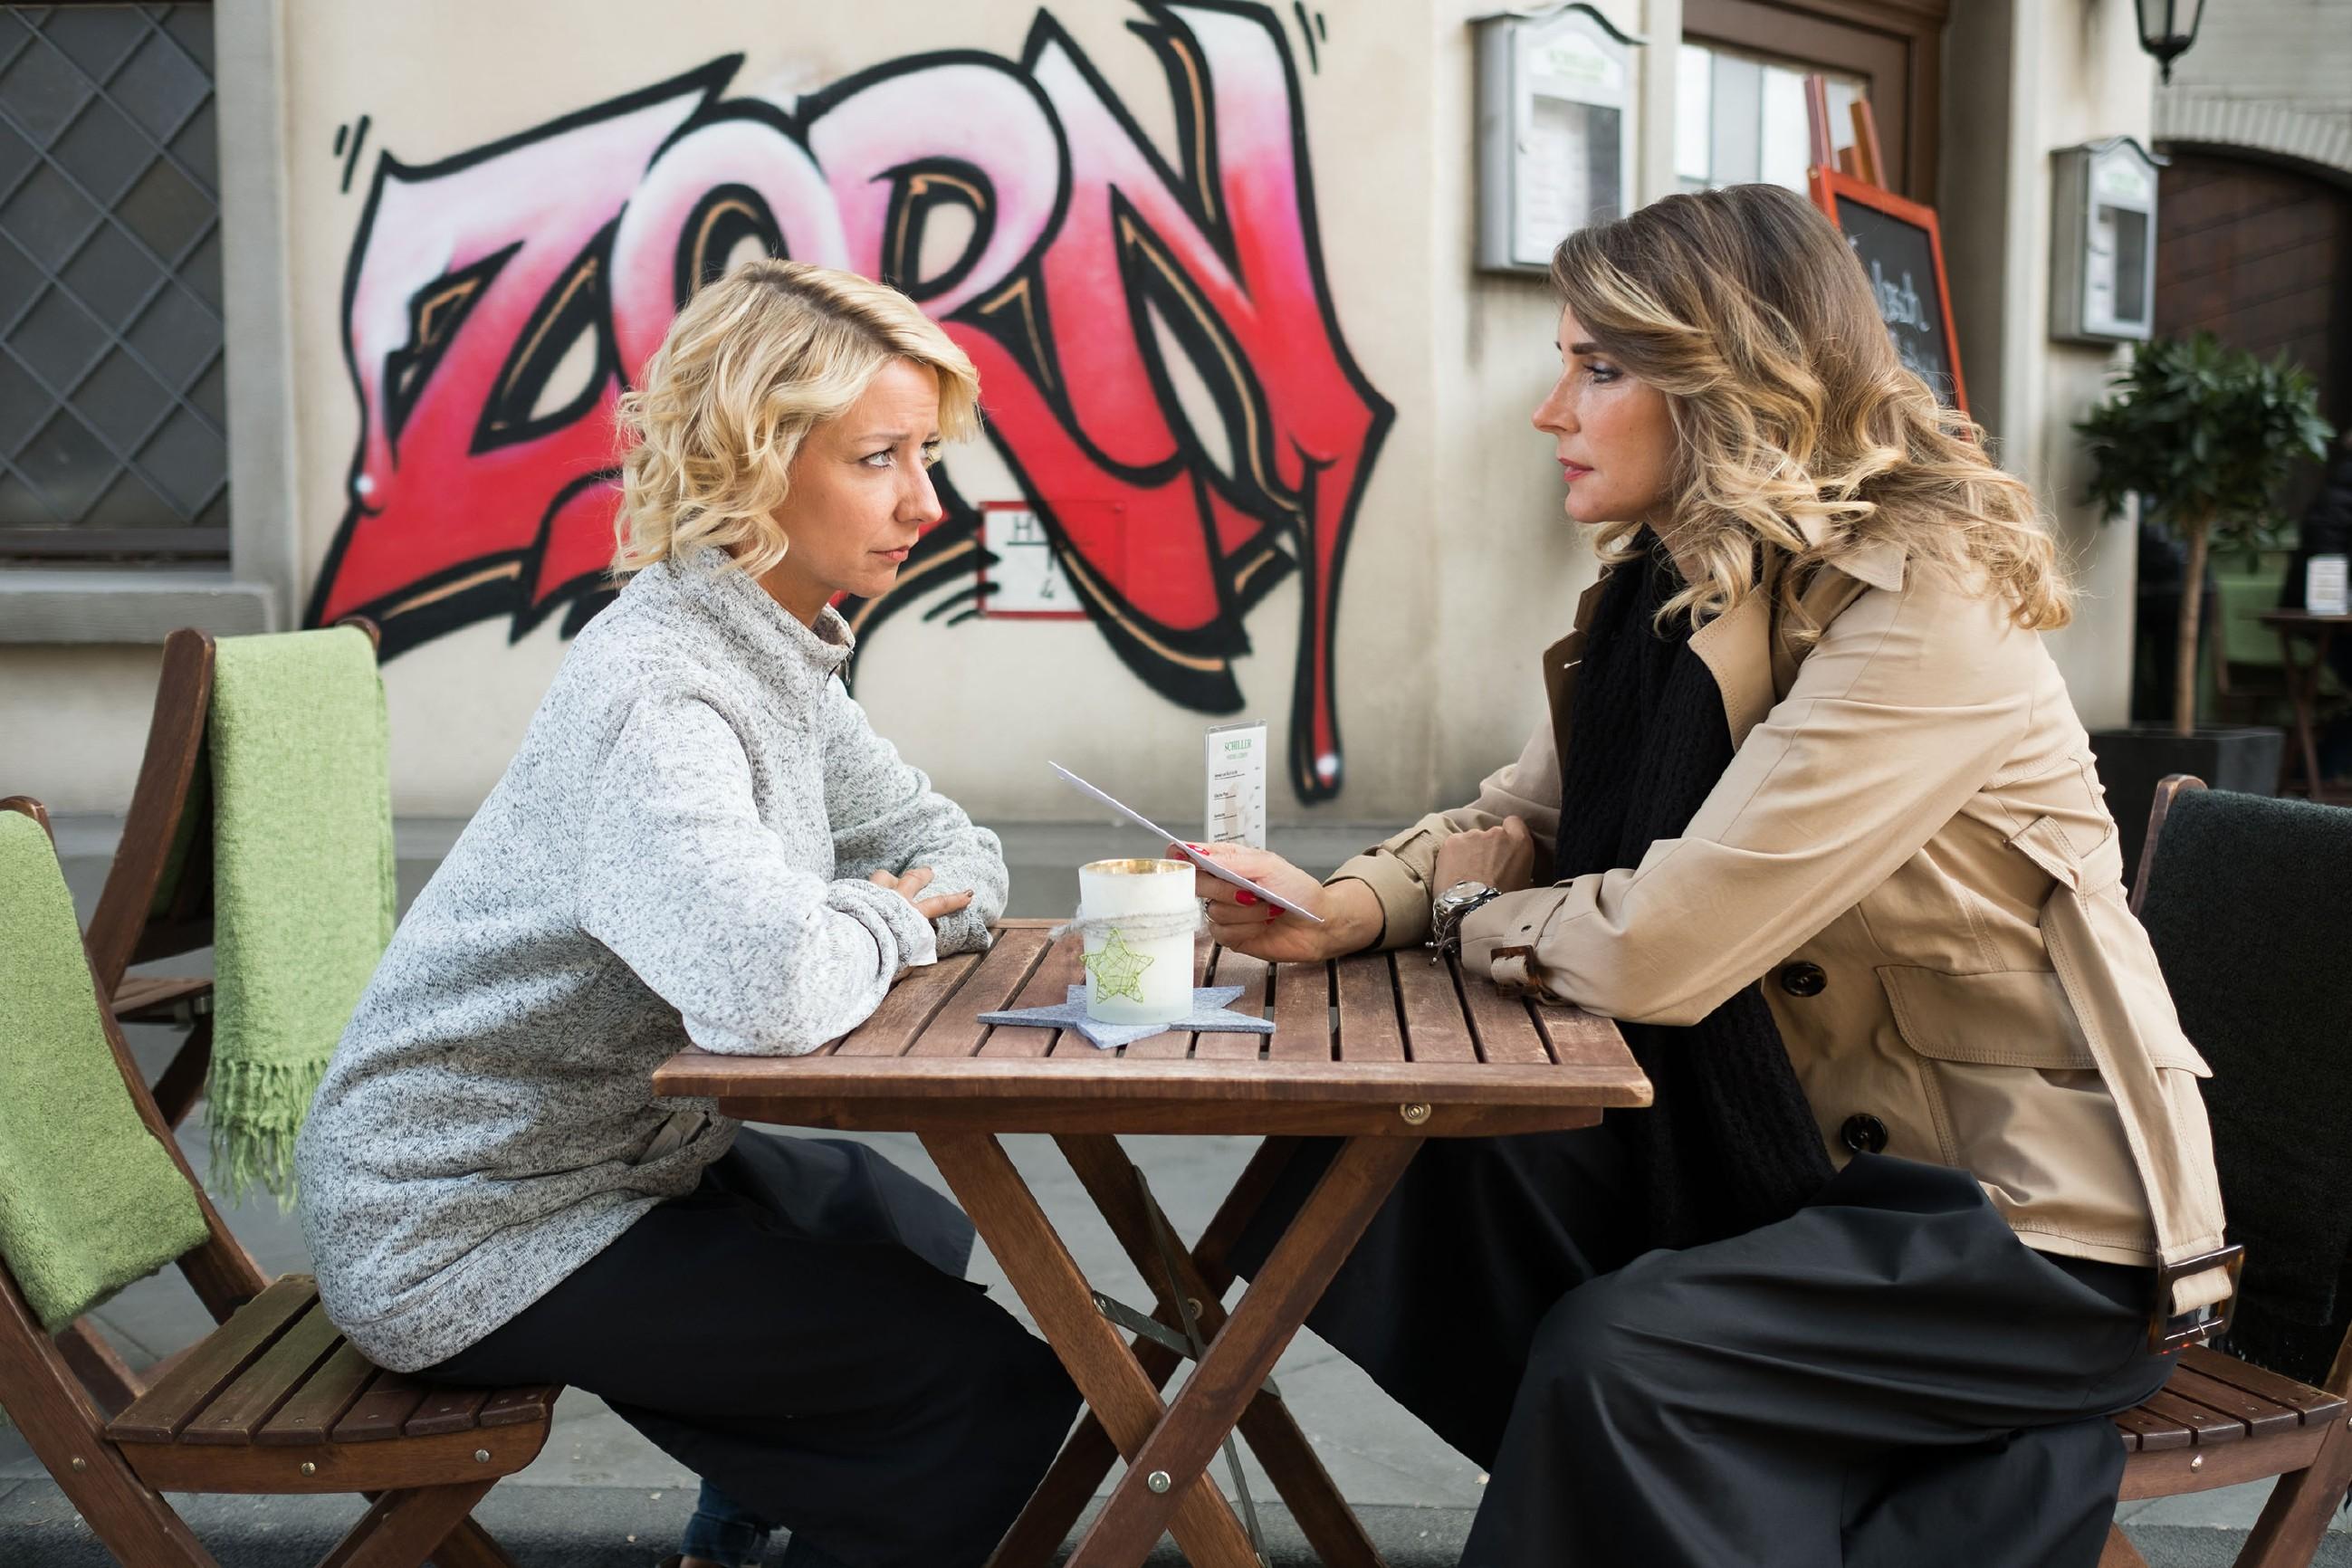 Eva (Claudelle Deckert, r.) fordert Ute (Isabell Hertel) drohend auf, besser die Schillerallee zu verlassen...